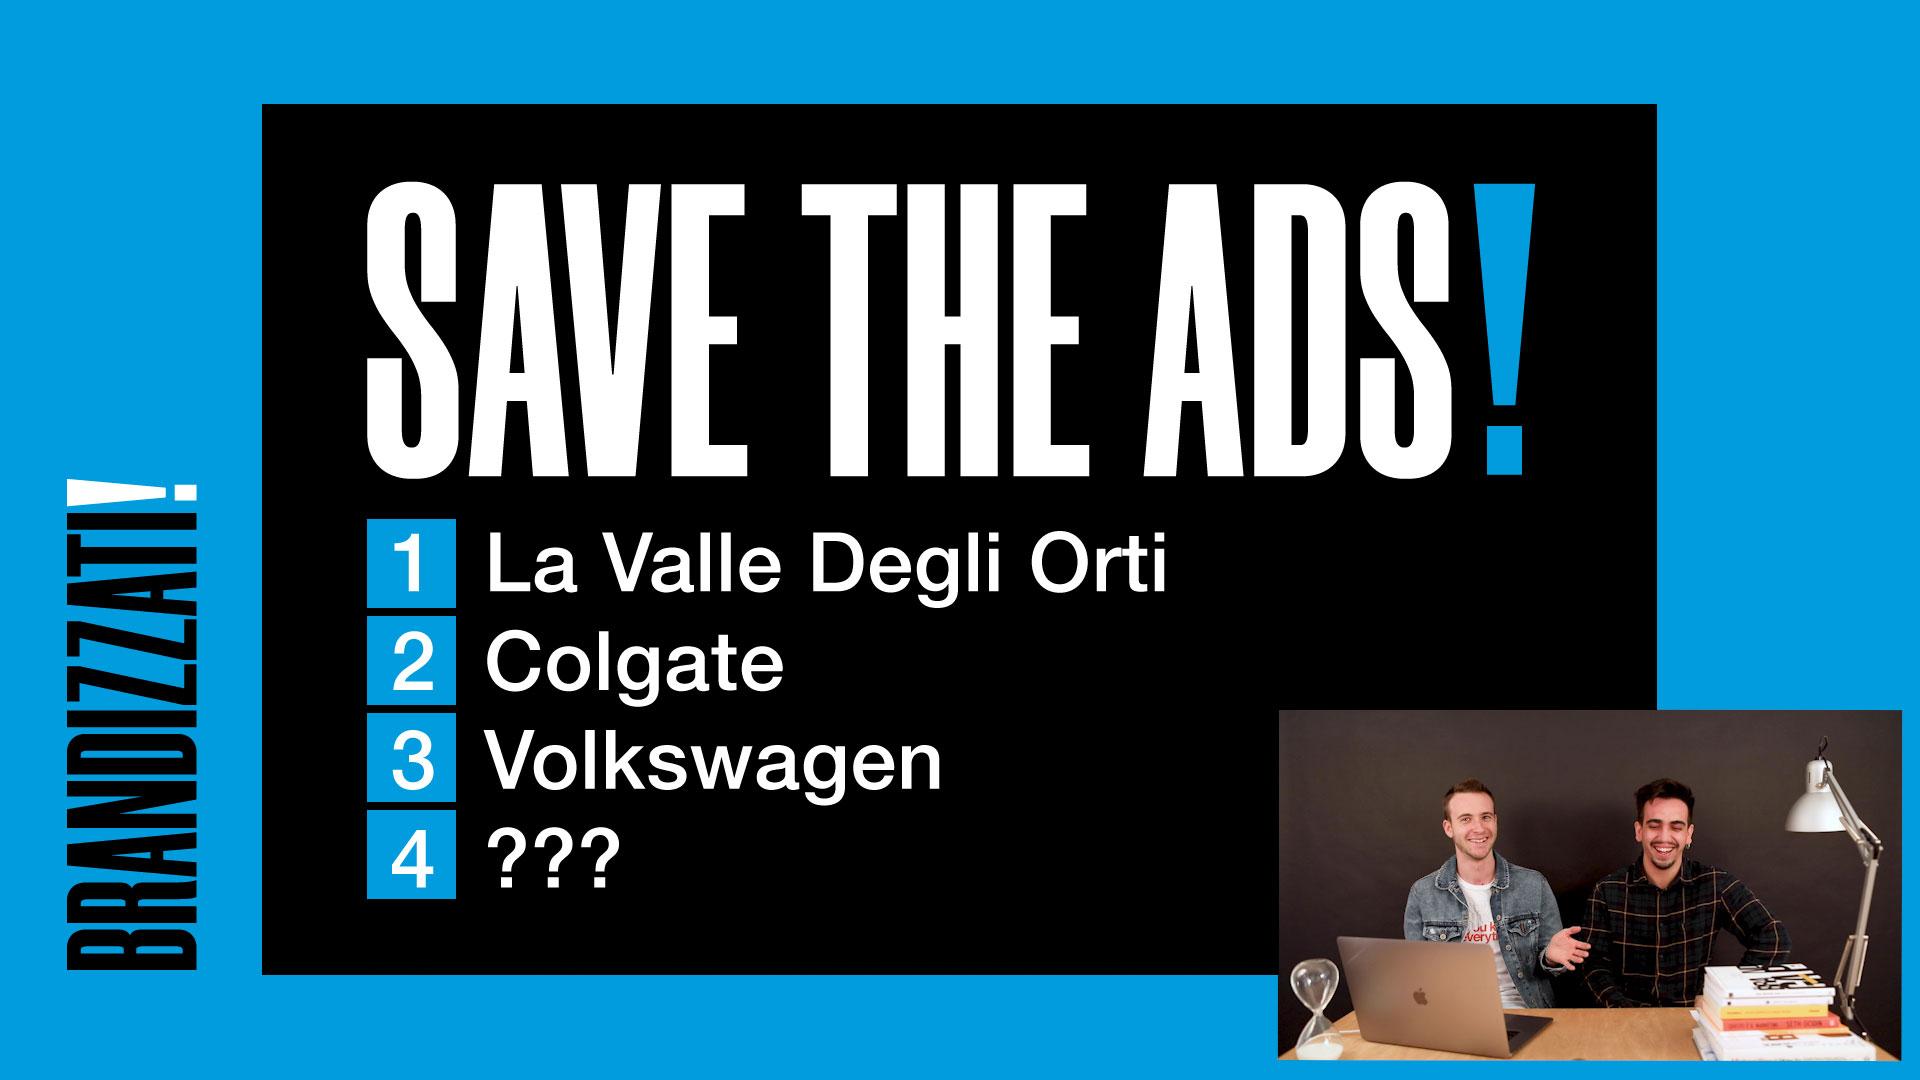 rettangolo nero con dentro la scritta SAVE THE ADS in bianco con punto esclamativo blu. Sotto a questa c'è un elenco puntato